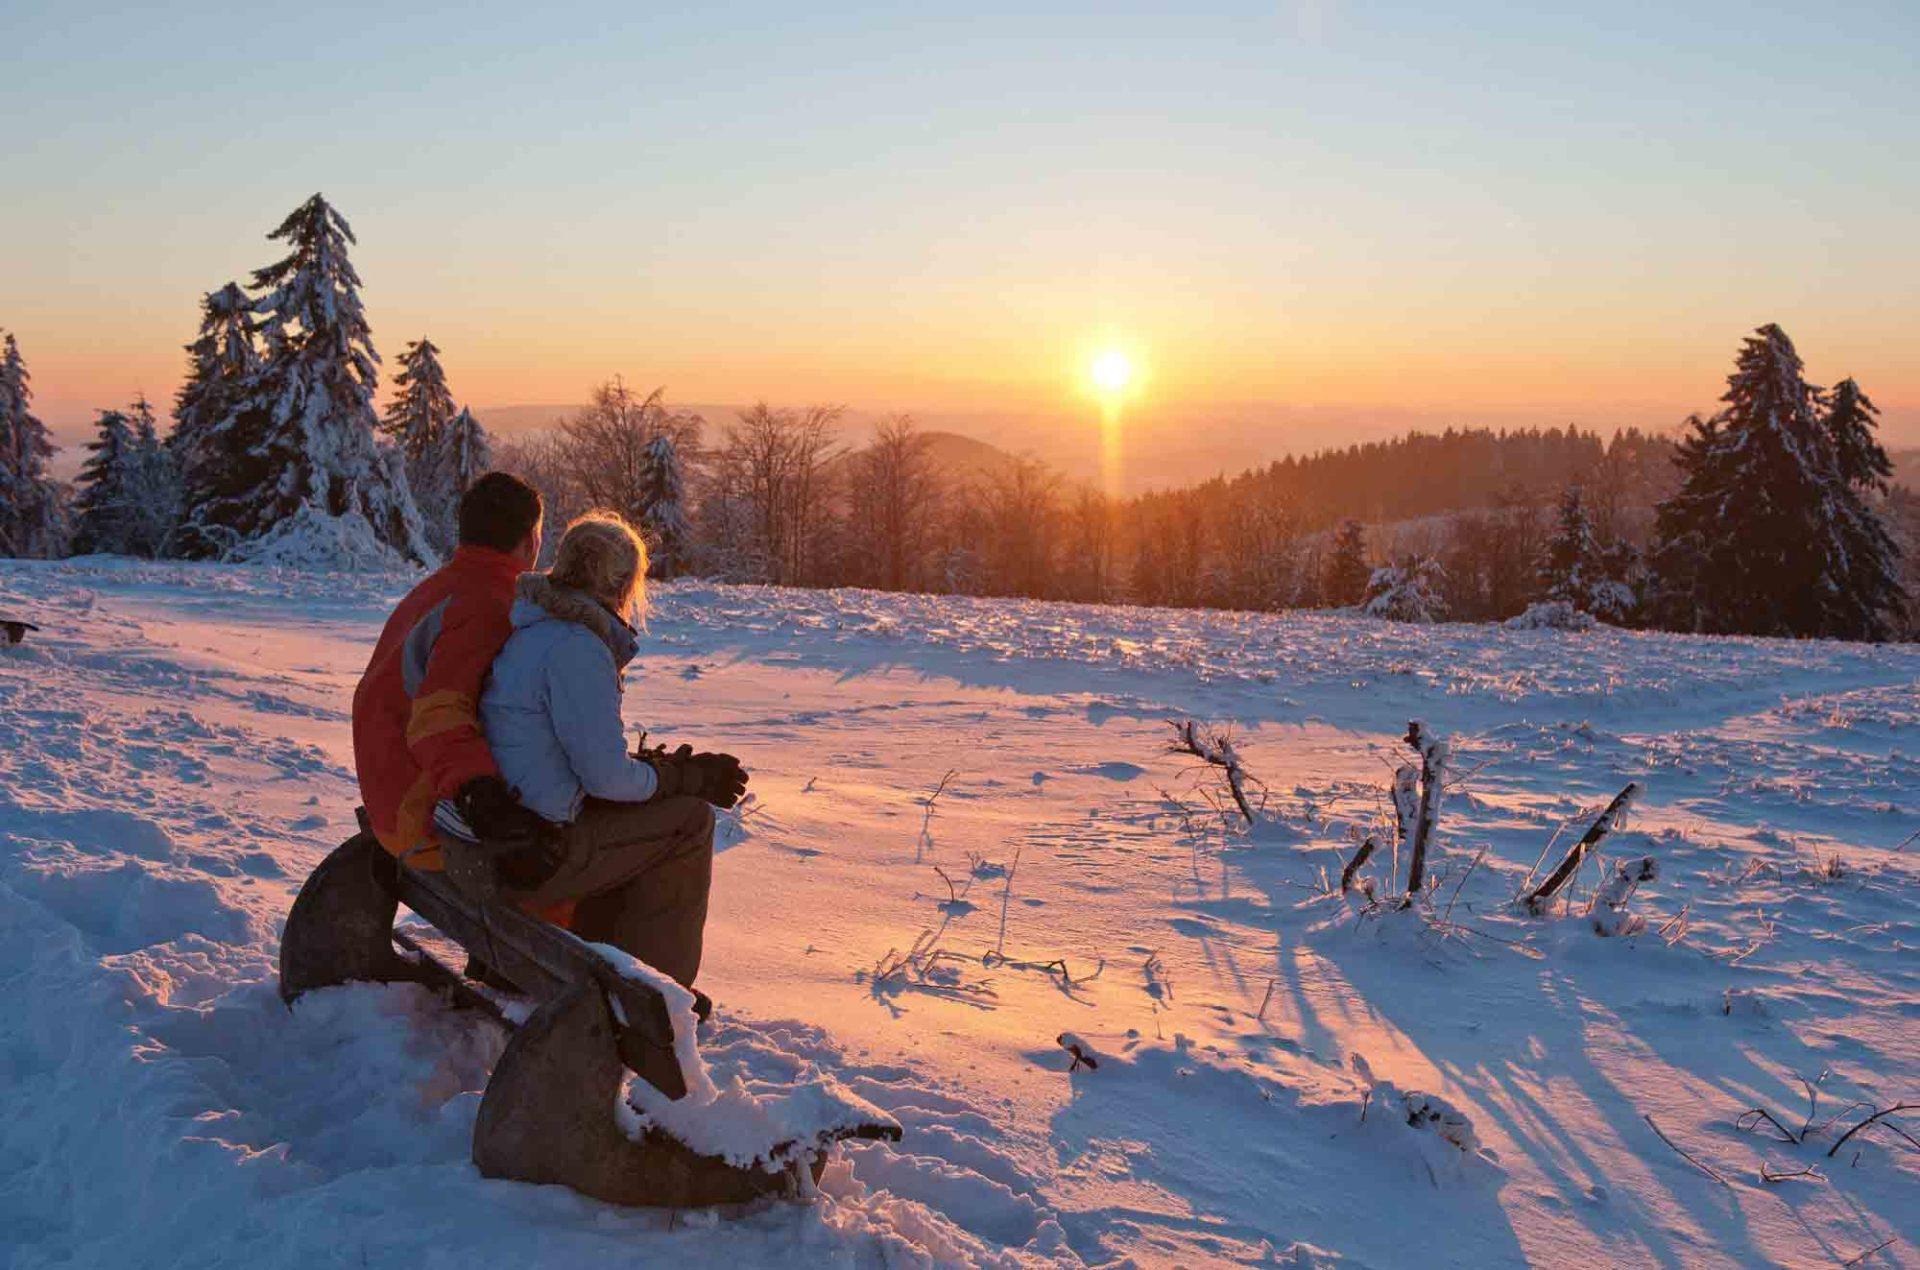 Ausflugstipps in NRW für Glücksgefühle copyright: Tourismus Schmallenberger Sauerland / Klaus-Peter Kappest